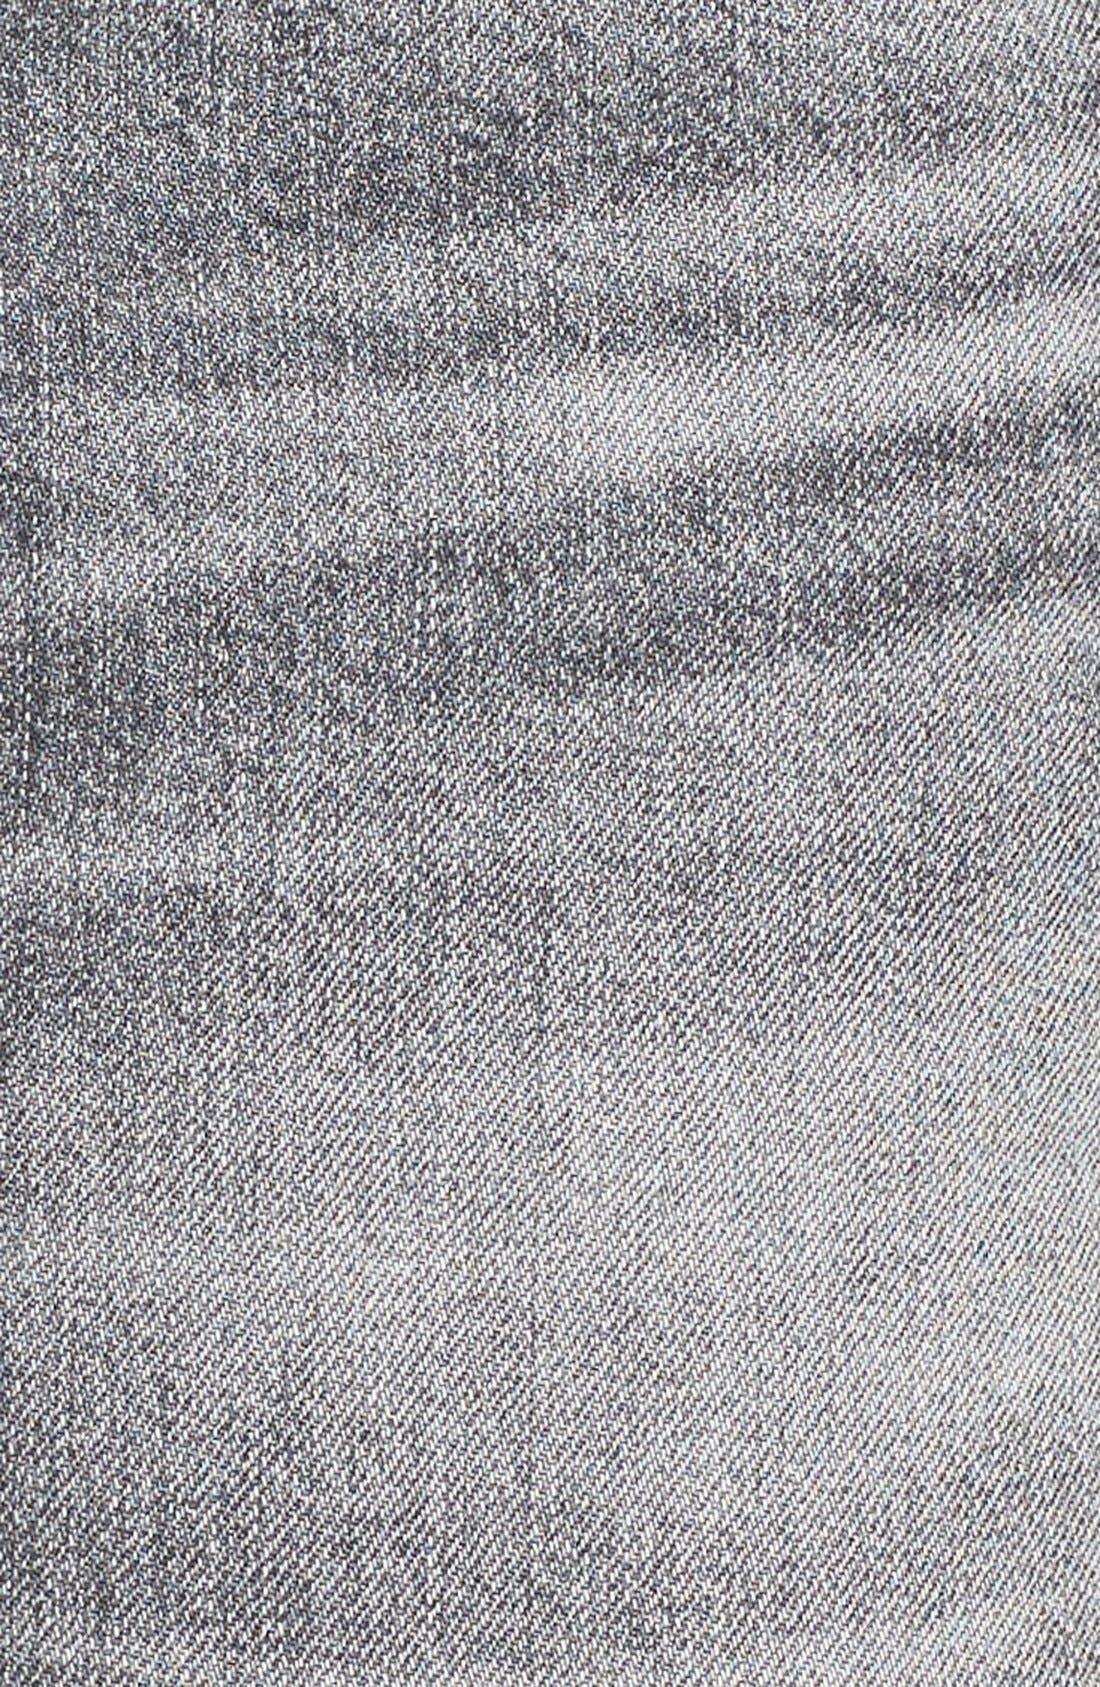 Alternate Image 6  - AGOLDE Jeanette Denim Miniskirt